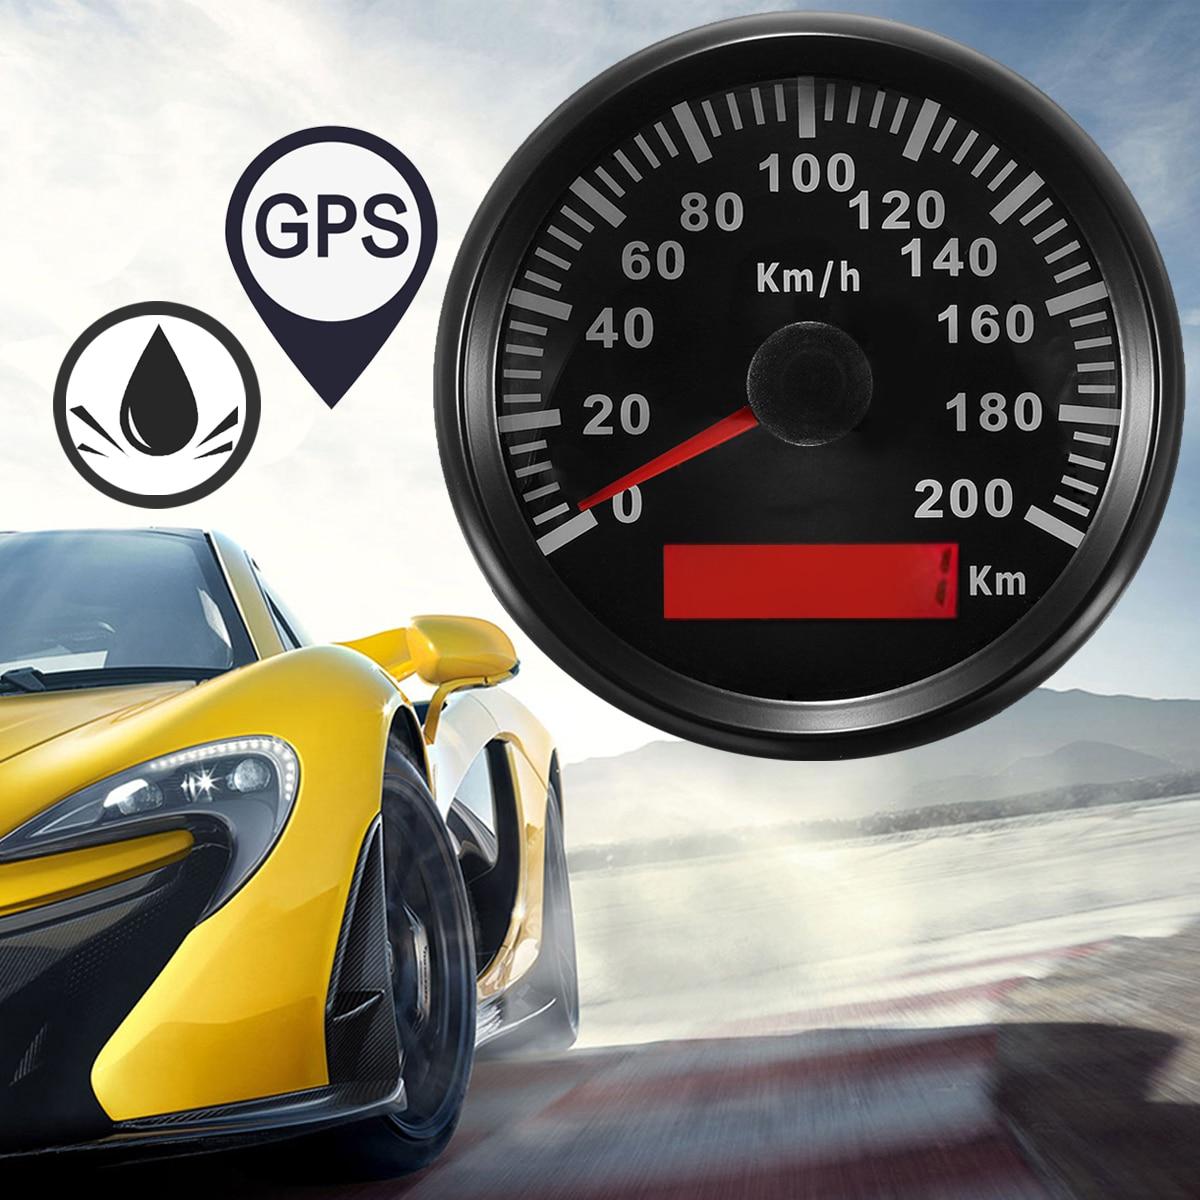 85mm 200 KM/H GPS compteur de vitesse en acier inoxydable GPS compteur de vitesse étanche numérique jauges vélo voiture camion moteur Auto avec rétro-éclairage